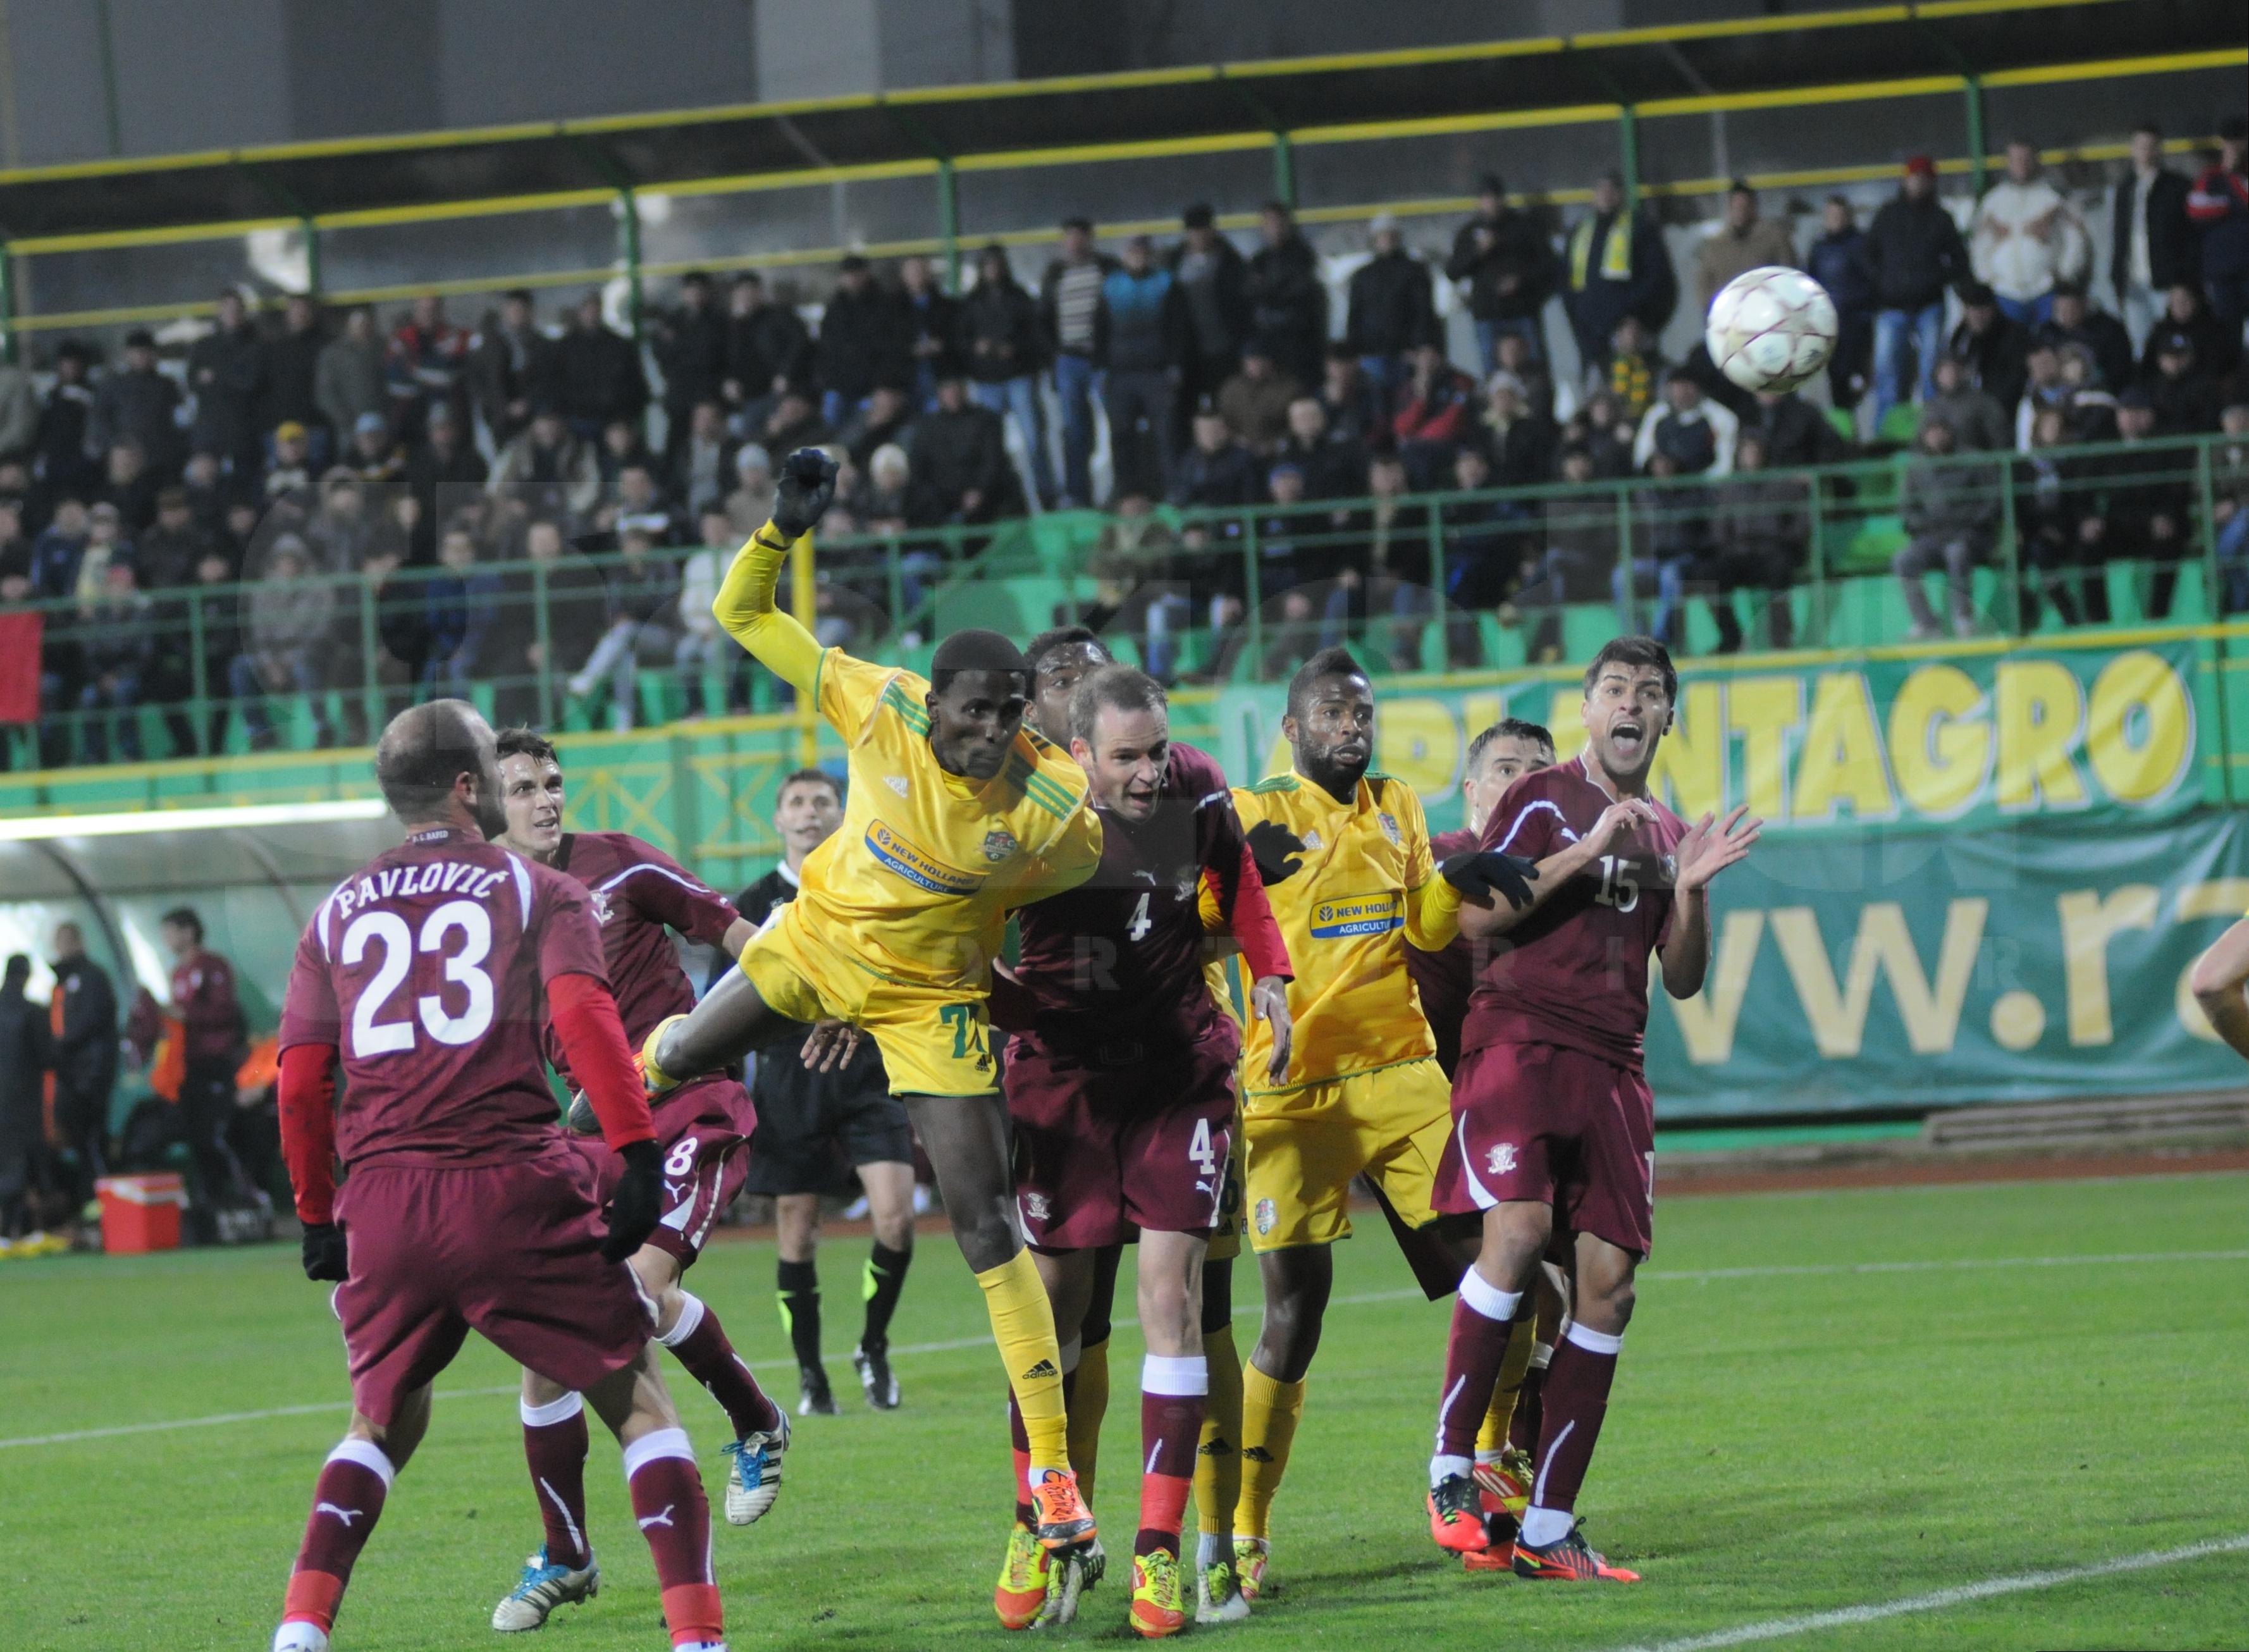 FC Vaslui a invins, scor 2-1, pe Rapid Bucuresti! VIDEO